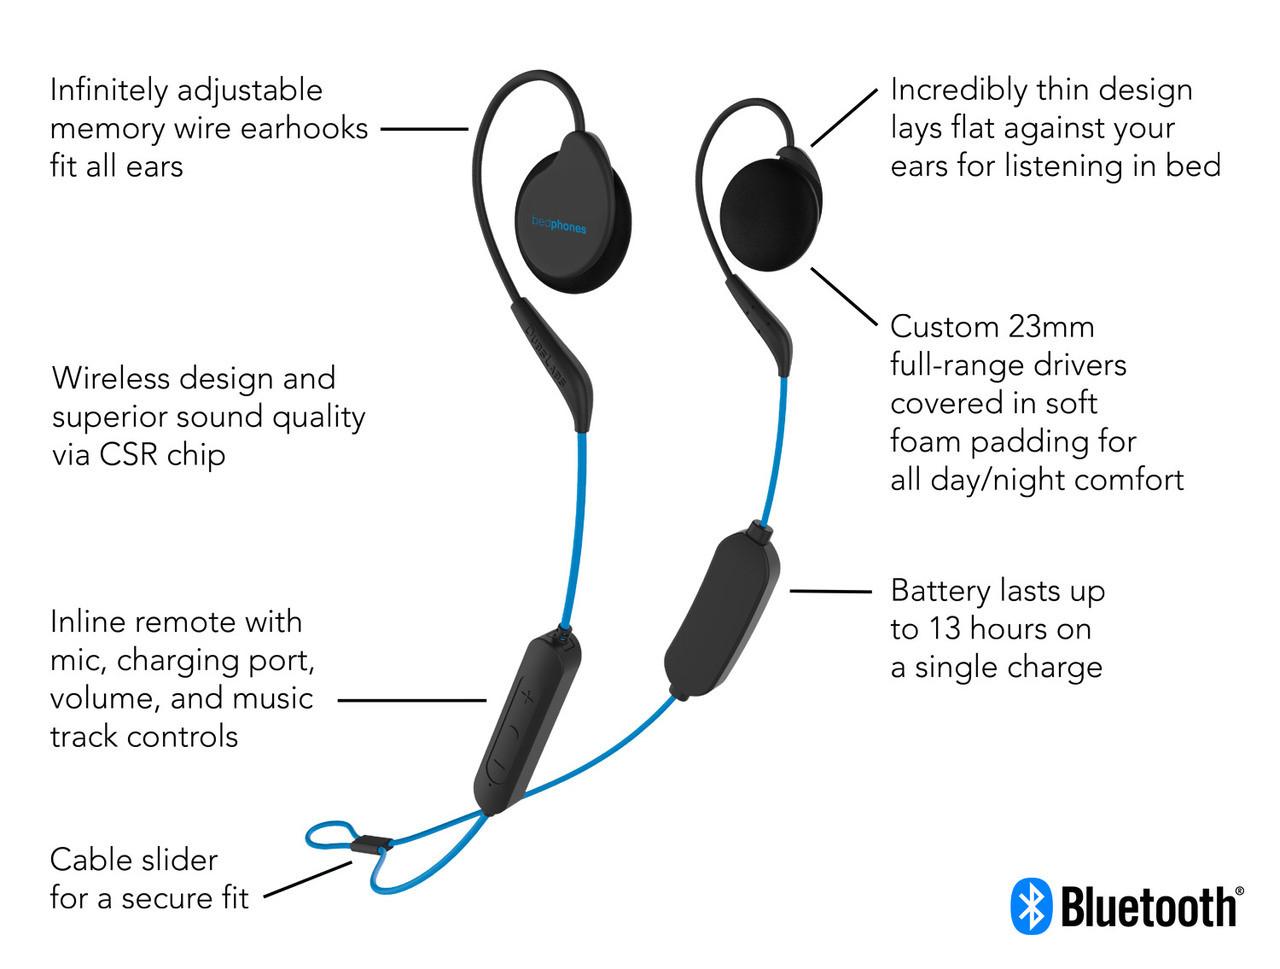 Bedphones Wireless Headphones For Sleep